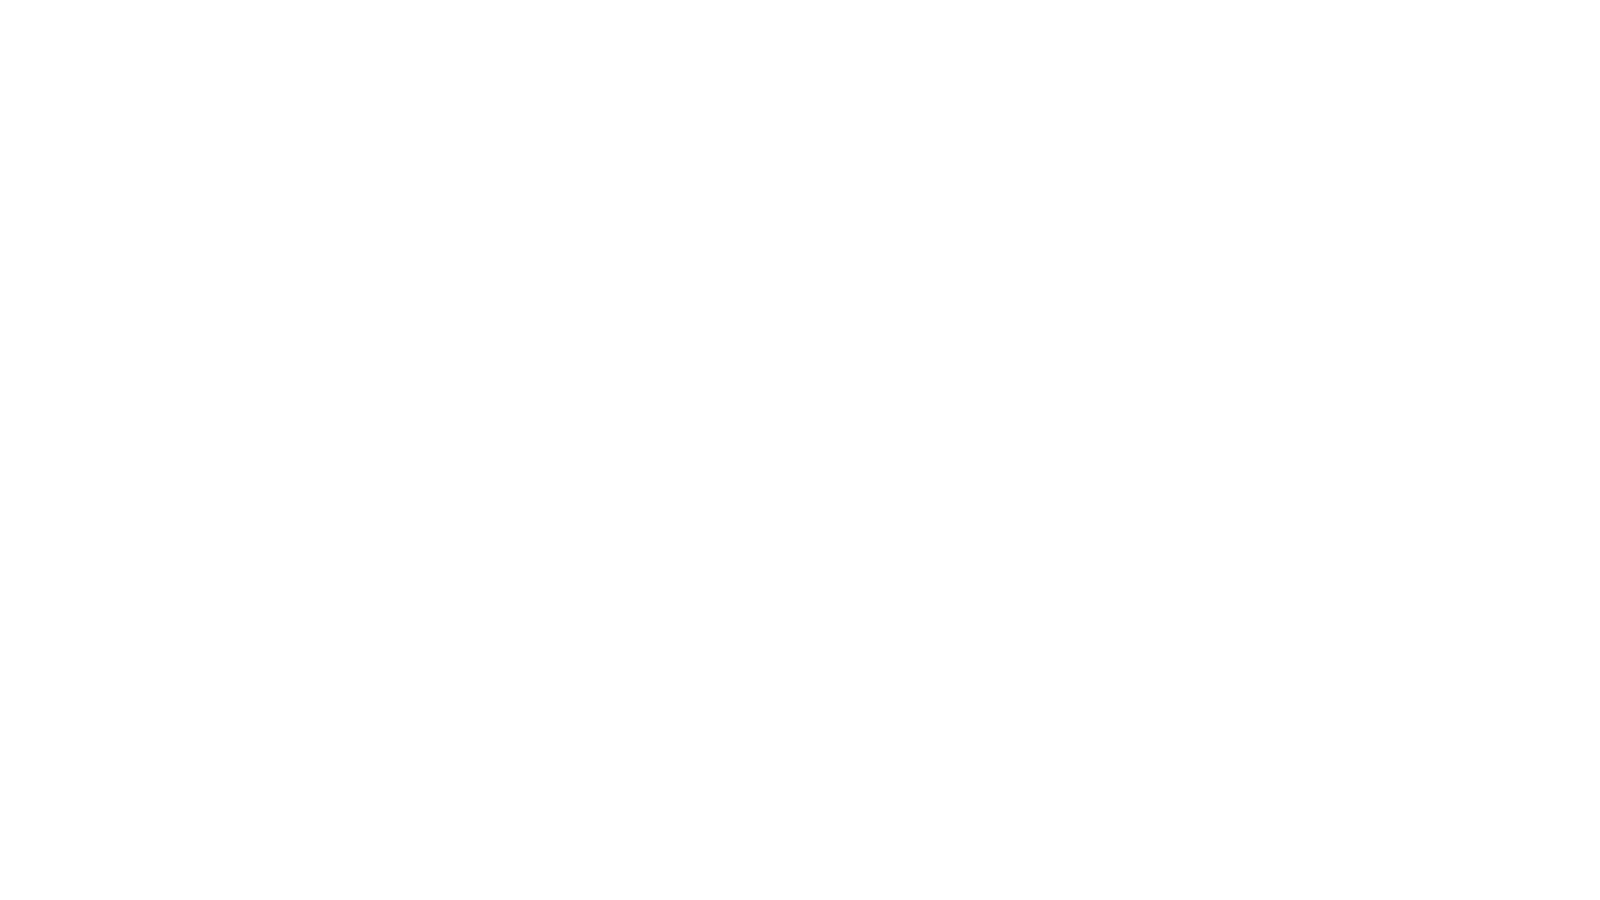 ¿Por qué es importante la separación de hecho sin voluntad de unirse al momento de iniciarse la demanda de divorcio? (es decir, cuando la separación de hecho fue anterior al inicio de la demanda de divorcio).  En este video, el Dr. Claudio Belluscio analiza la respuesta.  ---  PLAYLISTS RECOMENDADAS  ✅ Playlist videos del Dr. Belluscio: https://bit.ly/2VXKWHB ✅ Playlist videos sobre Divorcio: https://bit.ly/3hnS0FZ ✅ Playlist videos Alimentos: https://bit.ly/2KZDGEt ✅ Playlist videos Coronavirus: https://bit.ly/2YubO3s  ❤️️📺 Suscribite al canal: https://bit.ly/2SKJzdl  ---  🛑 Etiquetas: #Divorcio #Derechodefamiliaargentina #Belluscio #separacion   ---  BIBLIOGRAFÍA RECOMENDADA  📕 Matrimonio según el CCCN: https://bit.ly/3fjRTcB 📗 Proceso de divorcio (teoría): https://bit.ly/2AzE775 📙 Práctica Proceso de divorcio (modelos de escritos): https://bit.ly/2XX6kxz 📗 Impedimento de contacto y otros delitos afines: https://bit.ly/2YpTExY 📙Régimen de comunicación (derecho de fondo): https://bit.ly/2WSgnCl 📘 Proceso por régimen de comunicación (teoría): https://bit.ly/3cvRqTV 📗 Proceso por régimen de comunicación (práctica): https://bit.ly/2yYQEzY 📕 Pack Regimen de comunicación (3 tomos): https://bit.ly/3cxOrtU 📘 Biblioteca Belluscio: https://bit.ly/2z450it 📕 Biblioteca Procesos de familia: https://bit.ly/3aZthDB  ---  SOBRE EL AUTOR:  El Dr. Belluscio es Abogado, egresado de la Universidad del Salvador (USAL) y especializado en Derecho de Familia, en la Universidad Nacional de Rosario (UNR).  Se dedicó a la investigación, interpretación y divulgación de dicha especialización, y publicó más de treinta libros.  Actualmente escribe manuales de práctica profesional del Derecho de Familia y es docente en el posgrado de especialización de familia en la UBA y otras Universidades de Argentina.  Viaja frecuentemente y da conferencias en todo el país.  A través de sus Grupos de Facebook difunde el Derecho de Familia y comparte con más de veinte mil abogadas y abogados de todo el país l